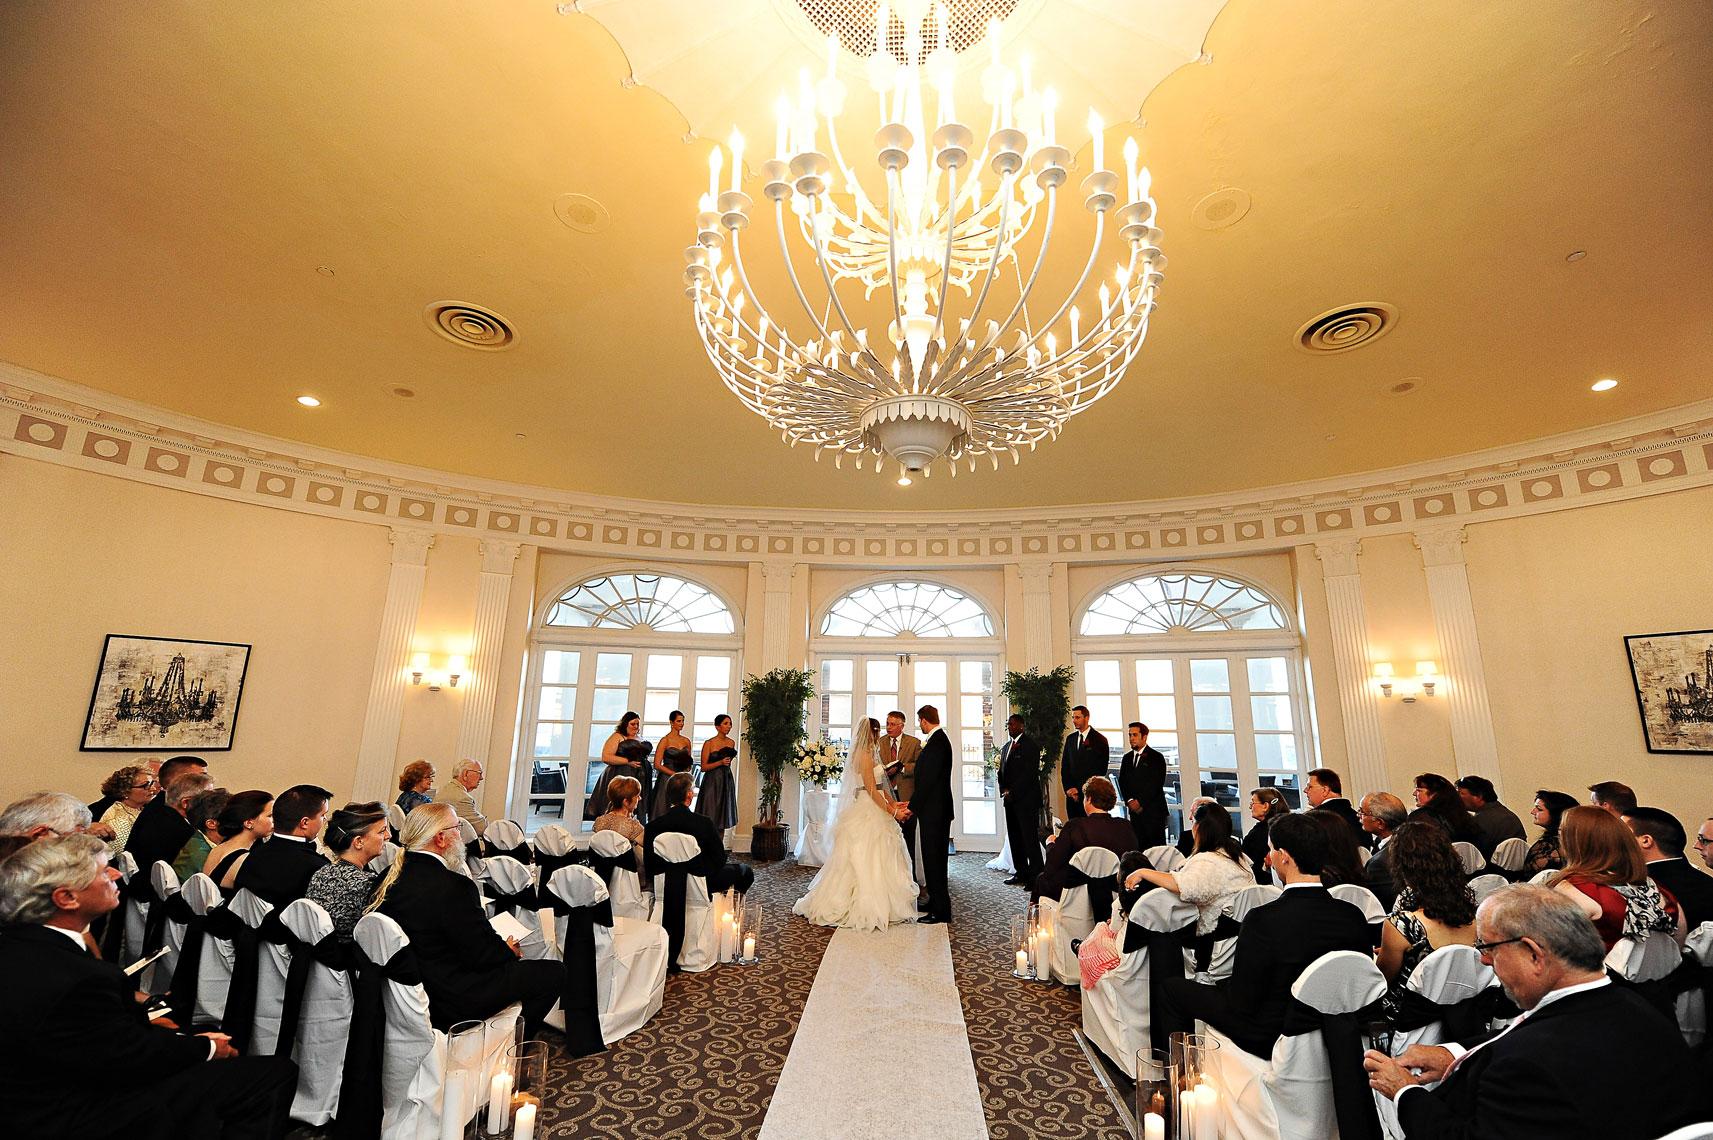 berkeleyoceanfrontwedding-096